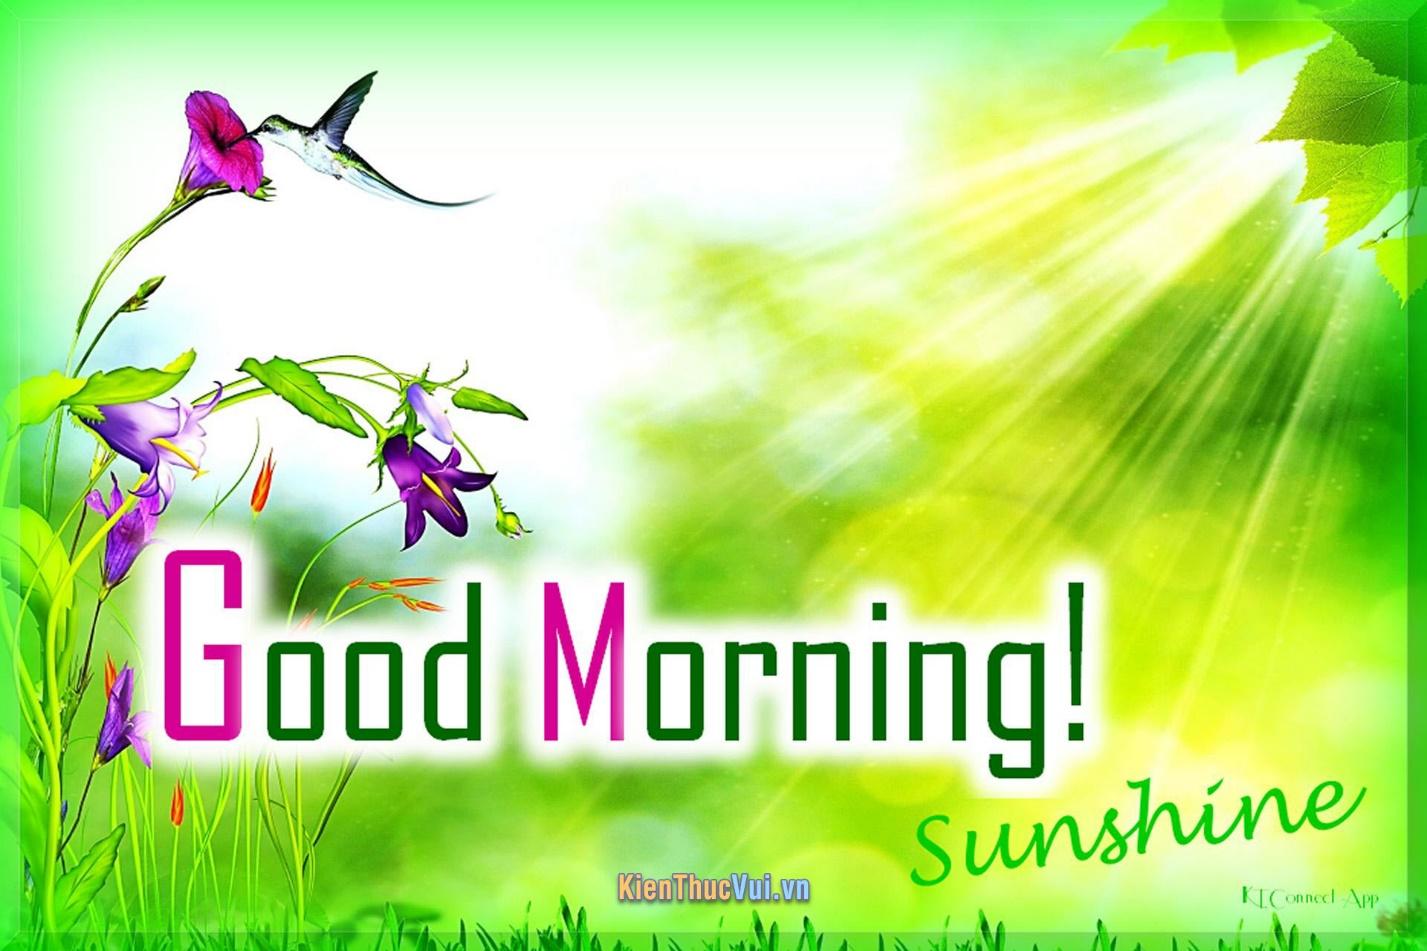 Hãy nhận một món quà đơn giản của anh vào mỗi buổi sáng